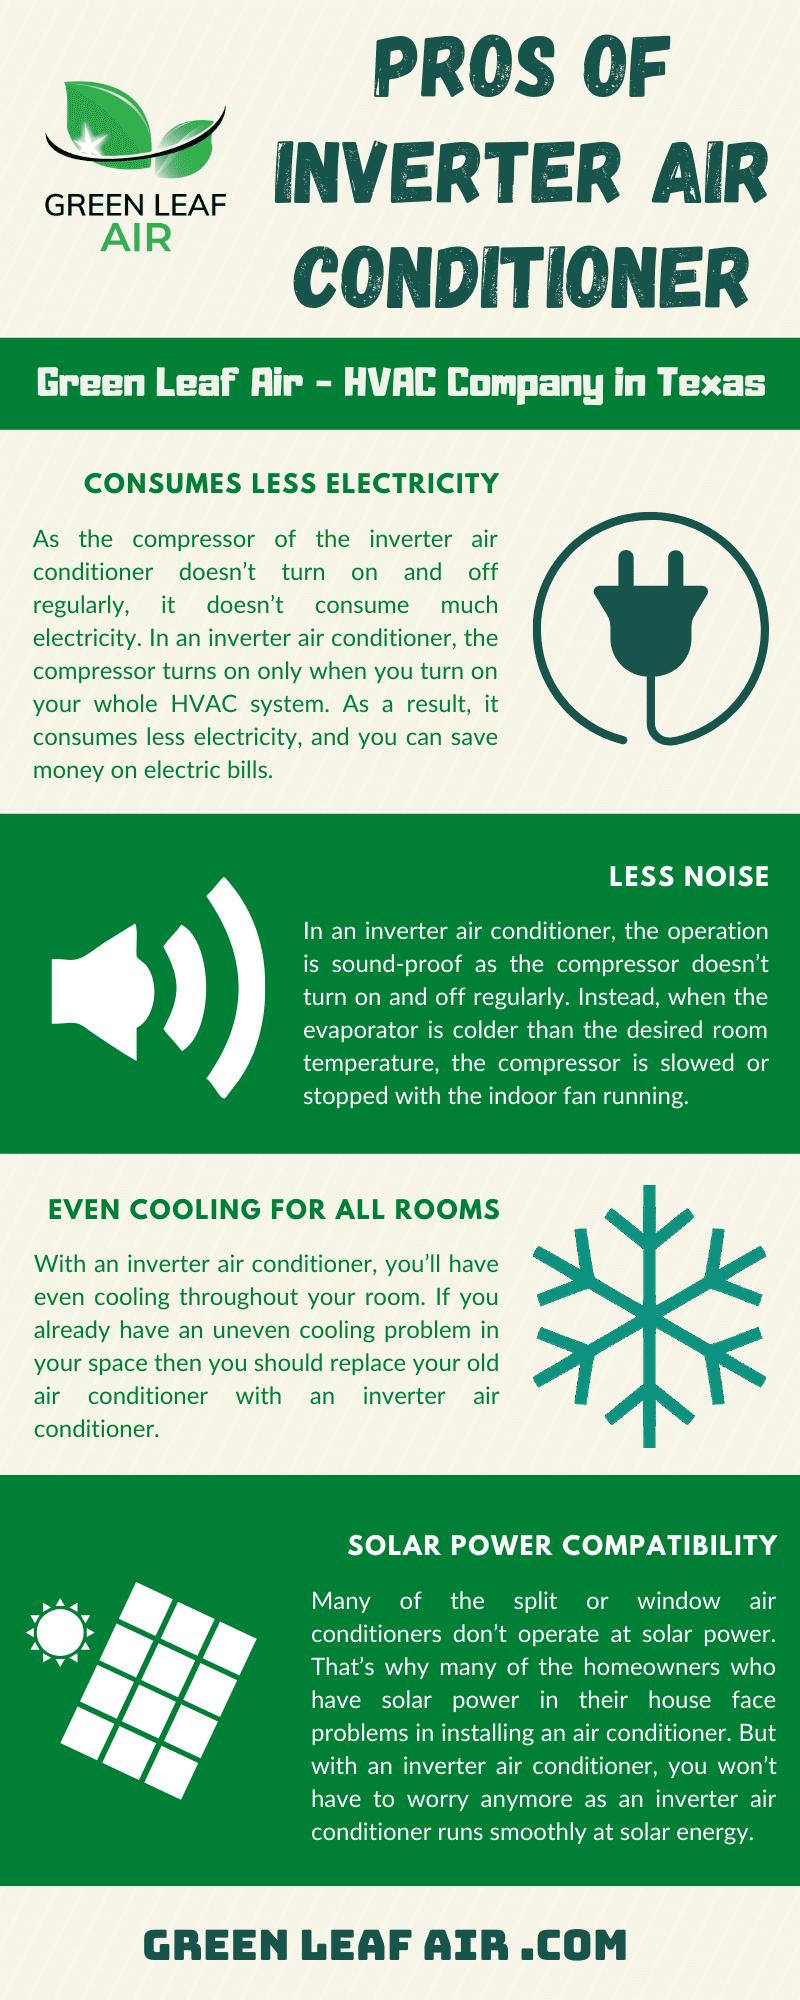 Pros of Inverter Air Conditioner